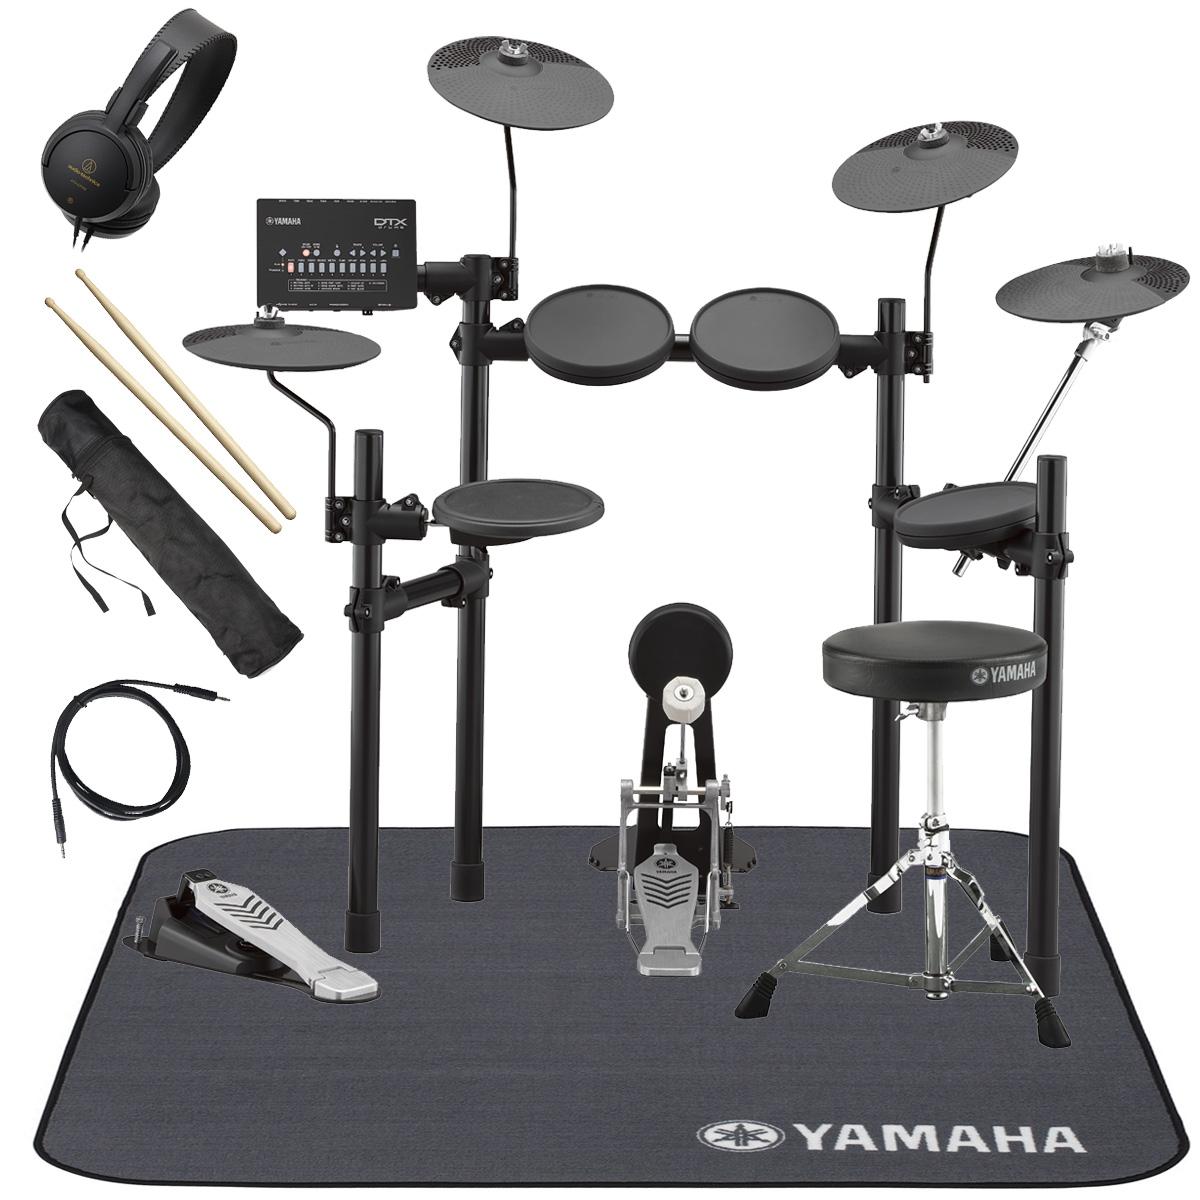 YAMAHA / DTX452KUPGS 3シンバル 電子ドラム 純正マット付き オリジナルスターターパック【YRK】